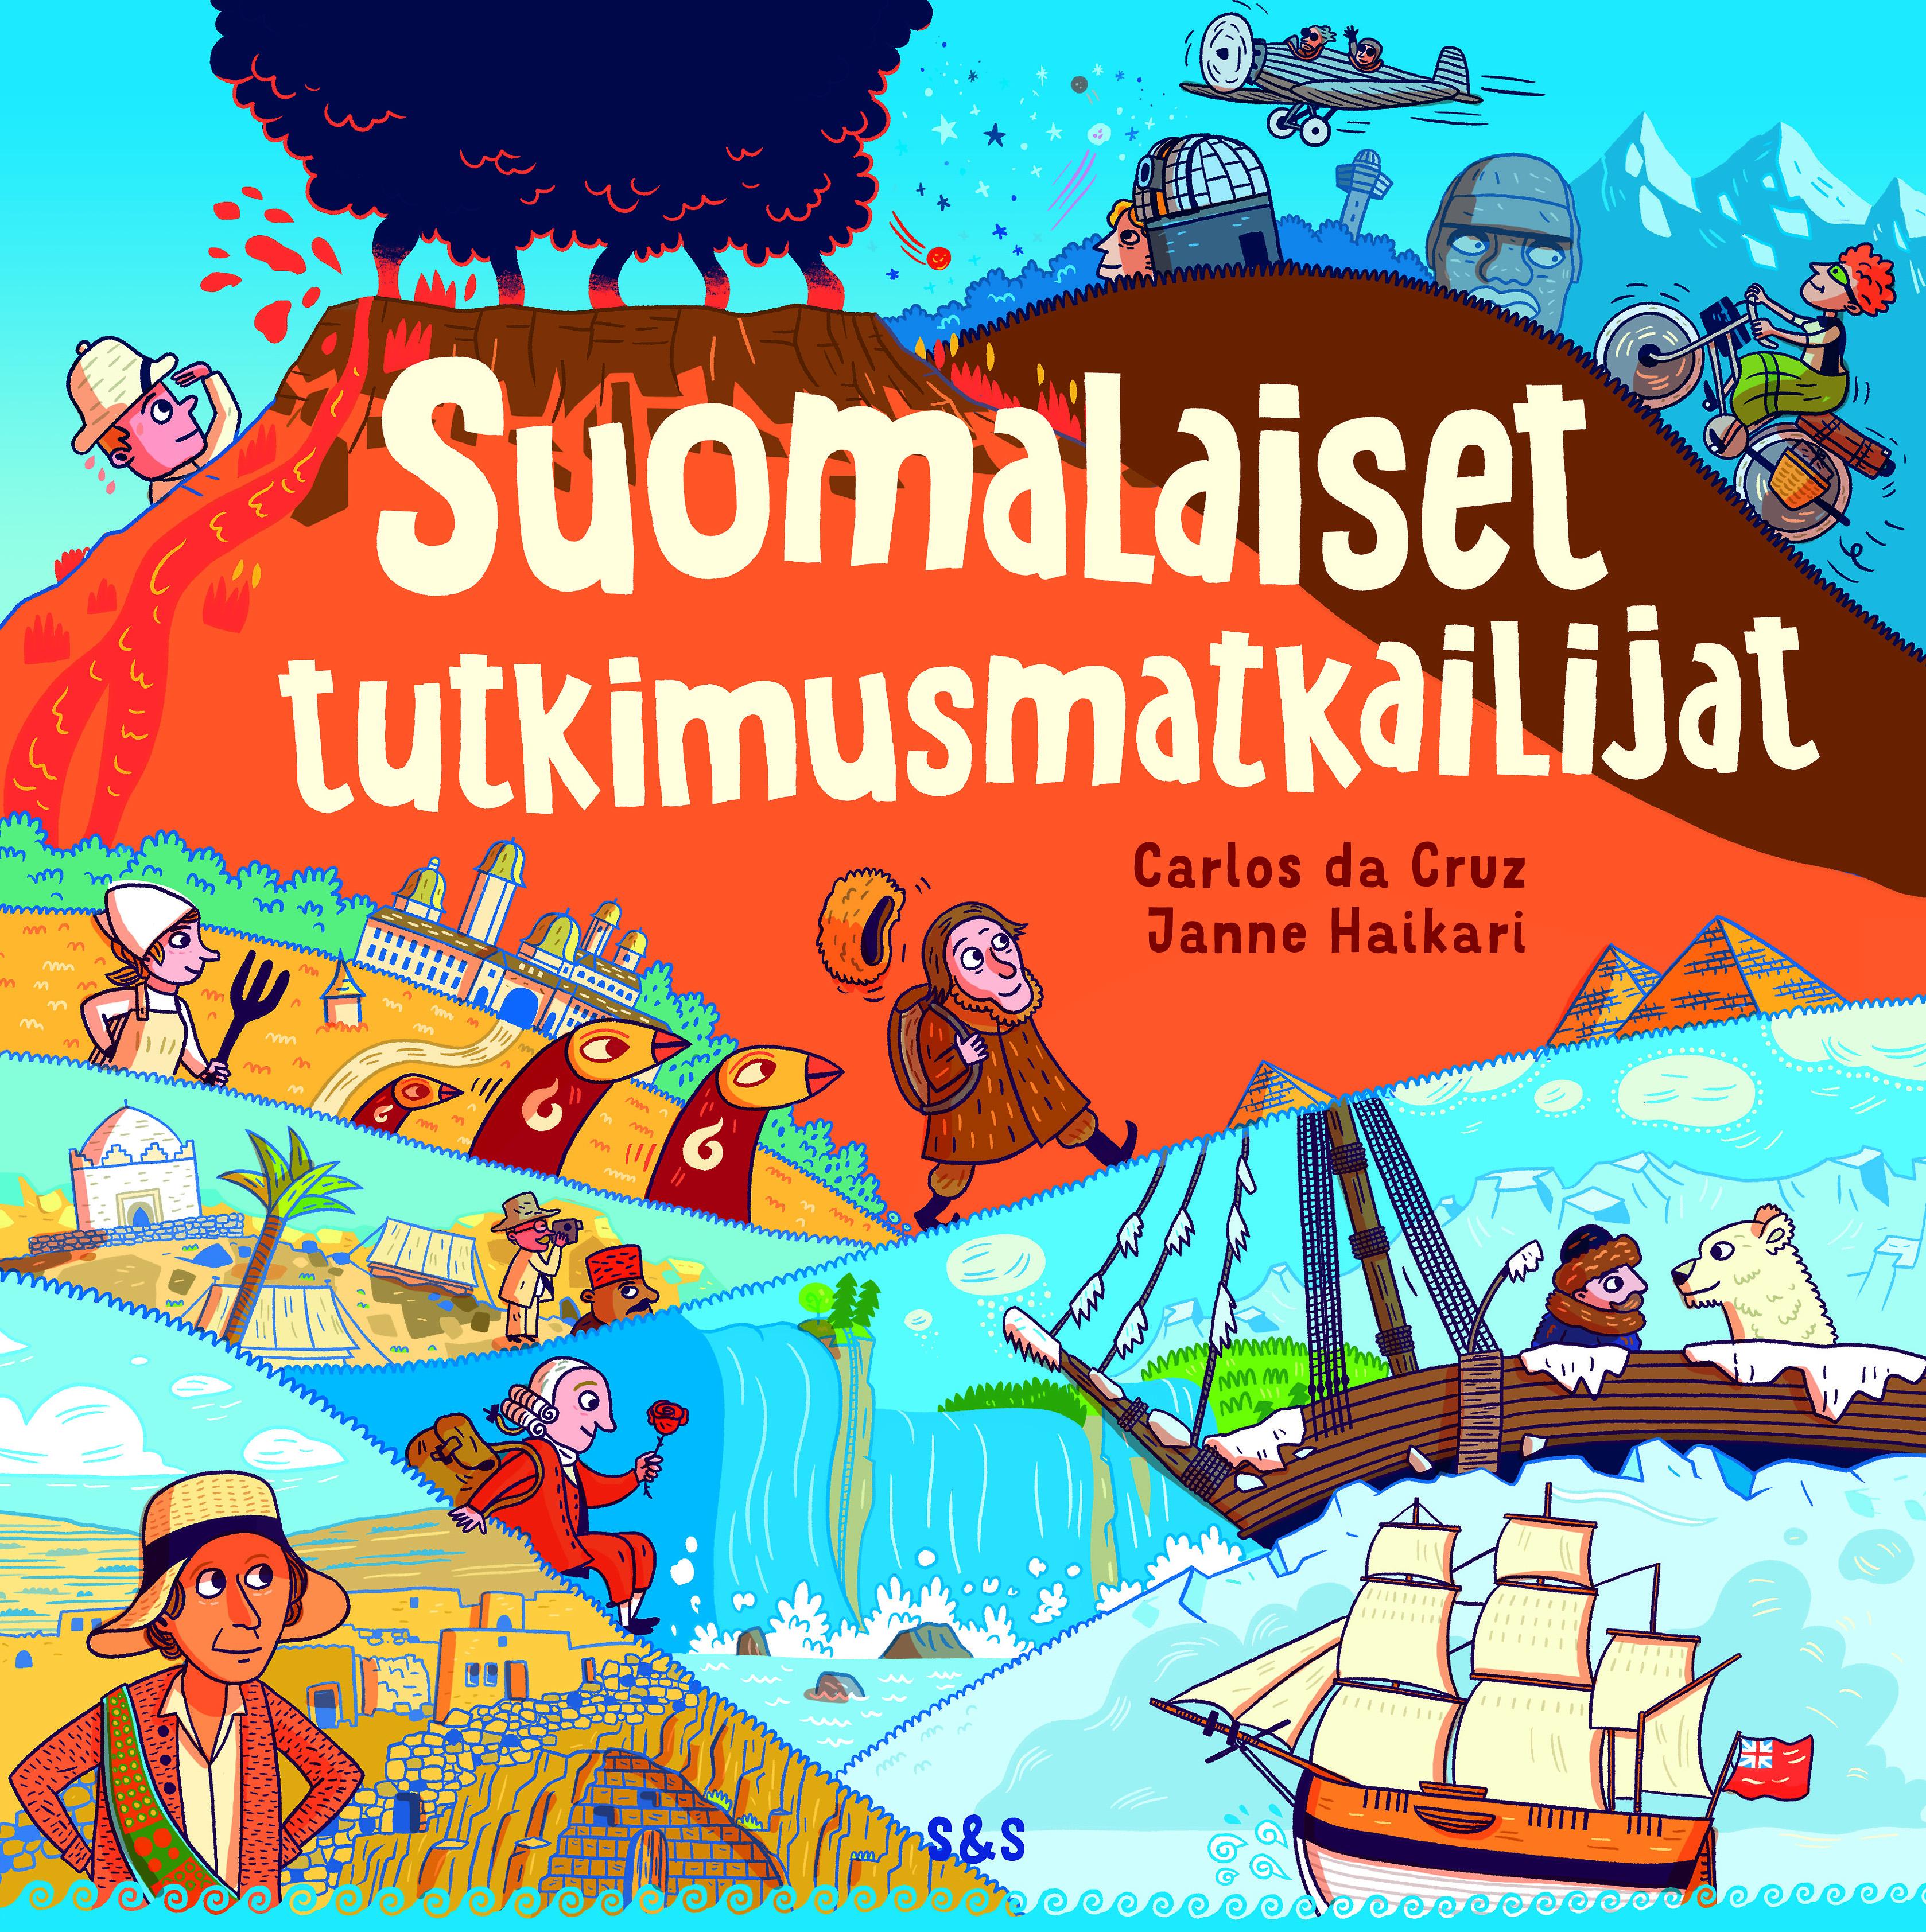 Suomalaiset tutkimusmatkailijat